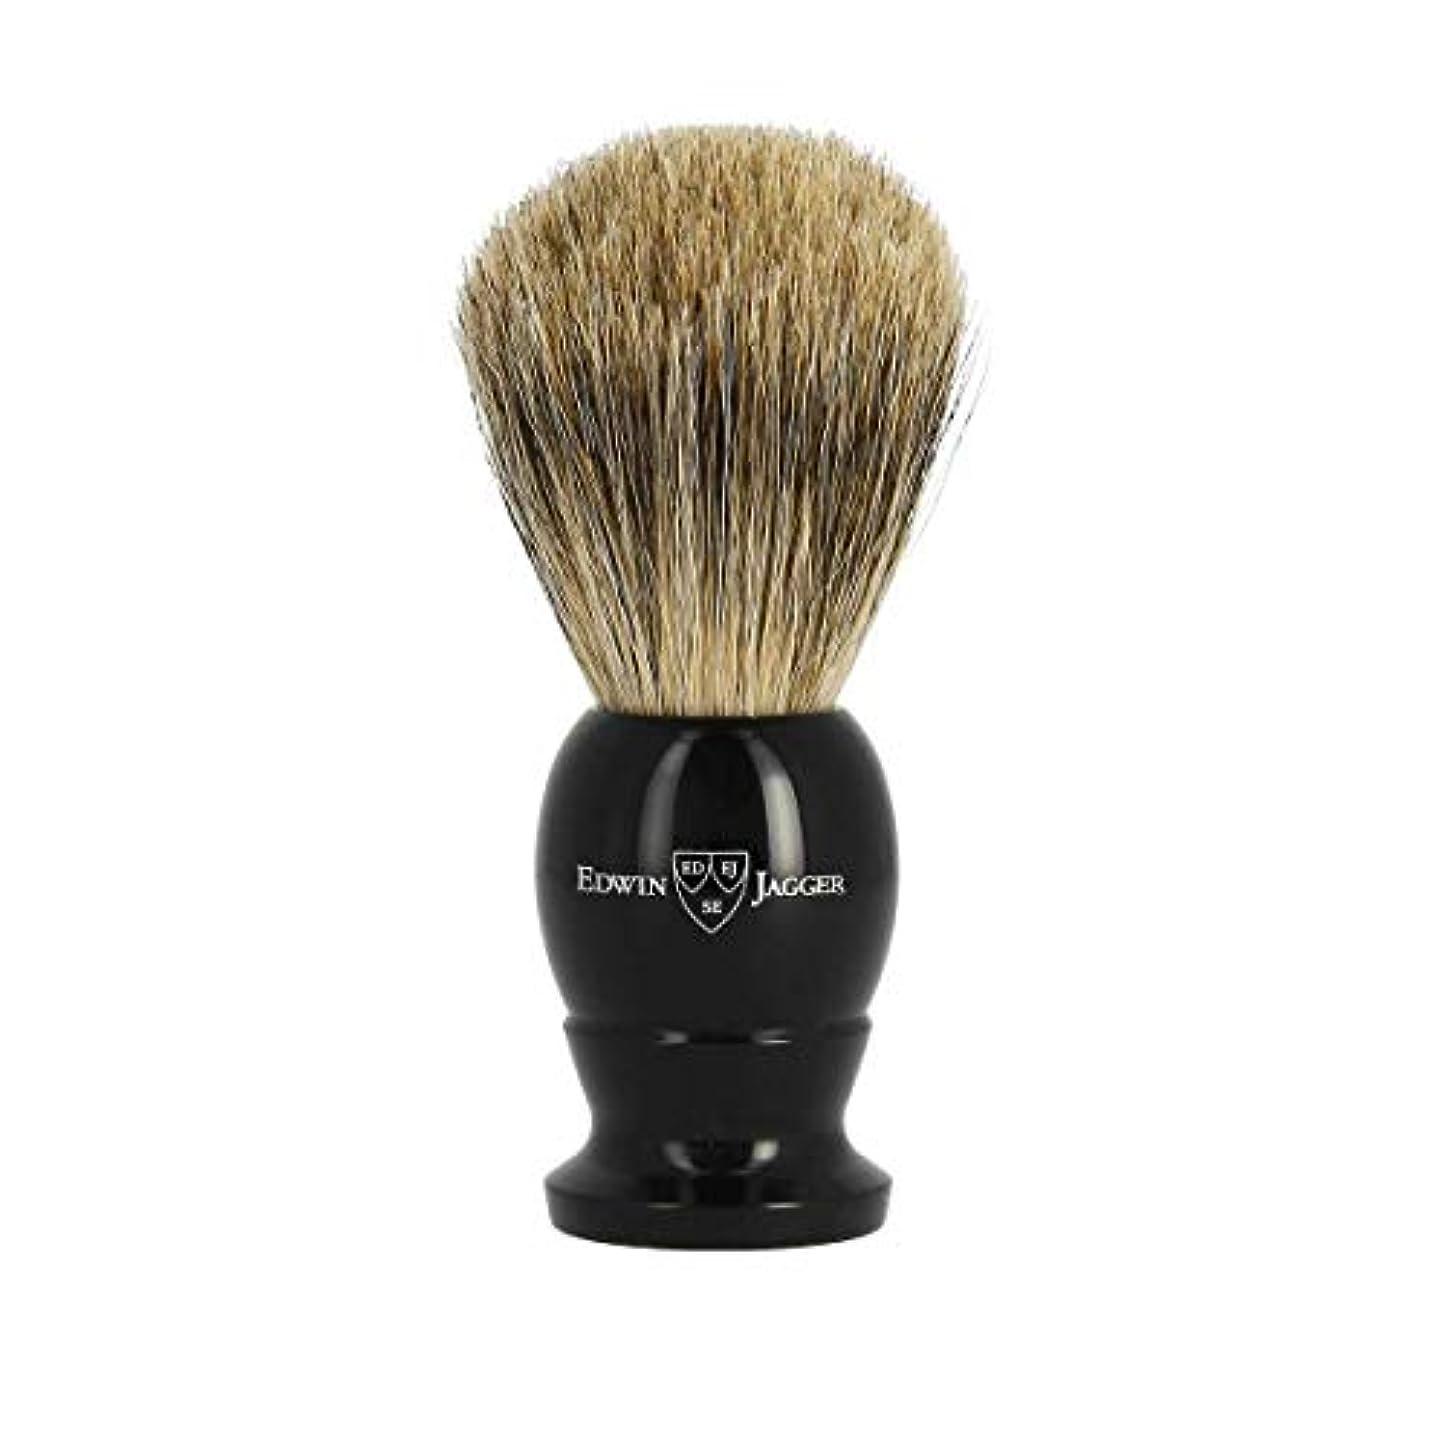 フォーマットチート軽食エドウィンジャガー ベストバッジャーアナグマ毛 エボニーシェービングブラシミディアム1EJ876[海外直送品]Edwin Jagger Best Badger Ebony Shaving Brush Medium 1EJ876...